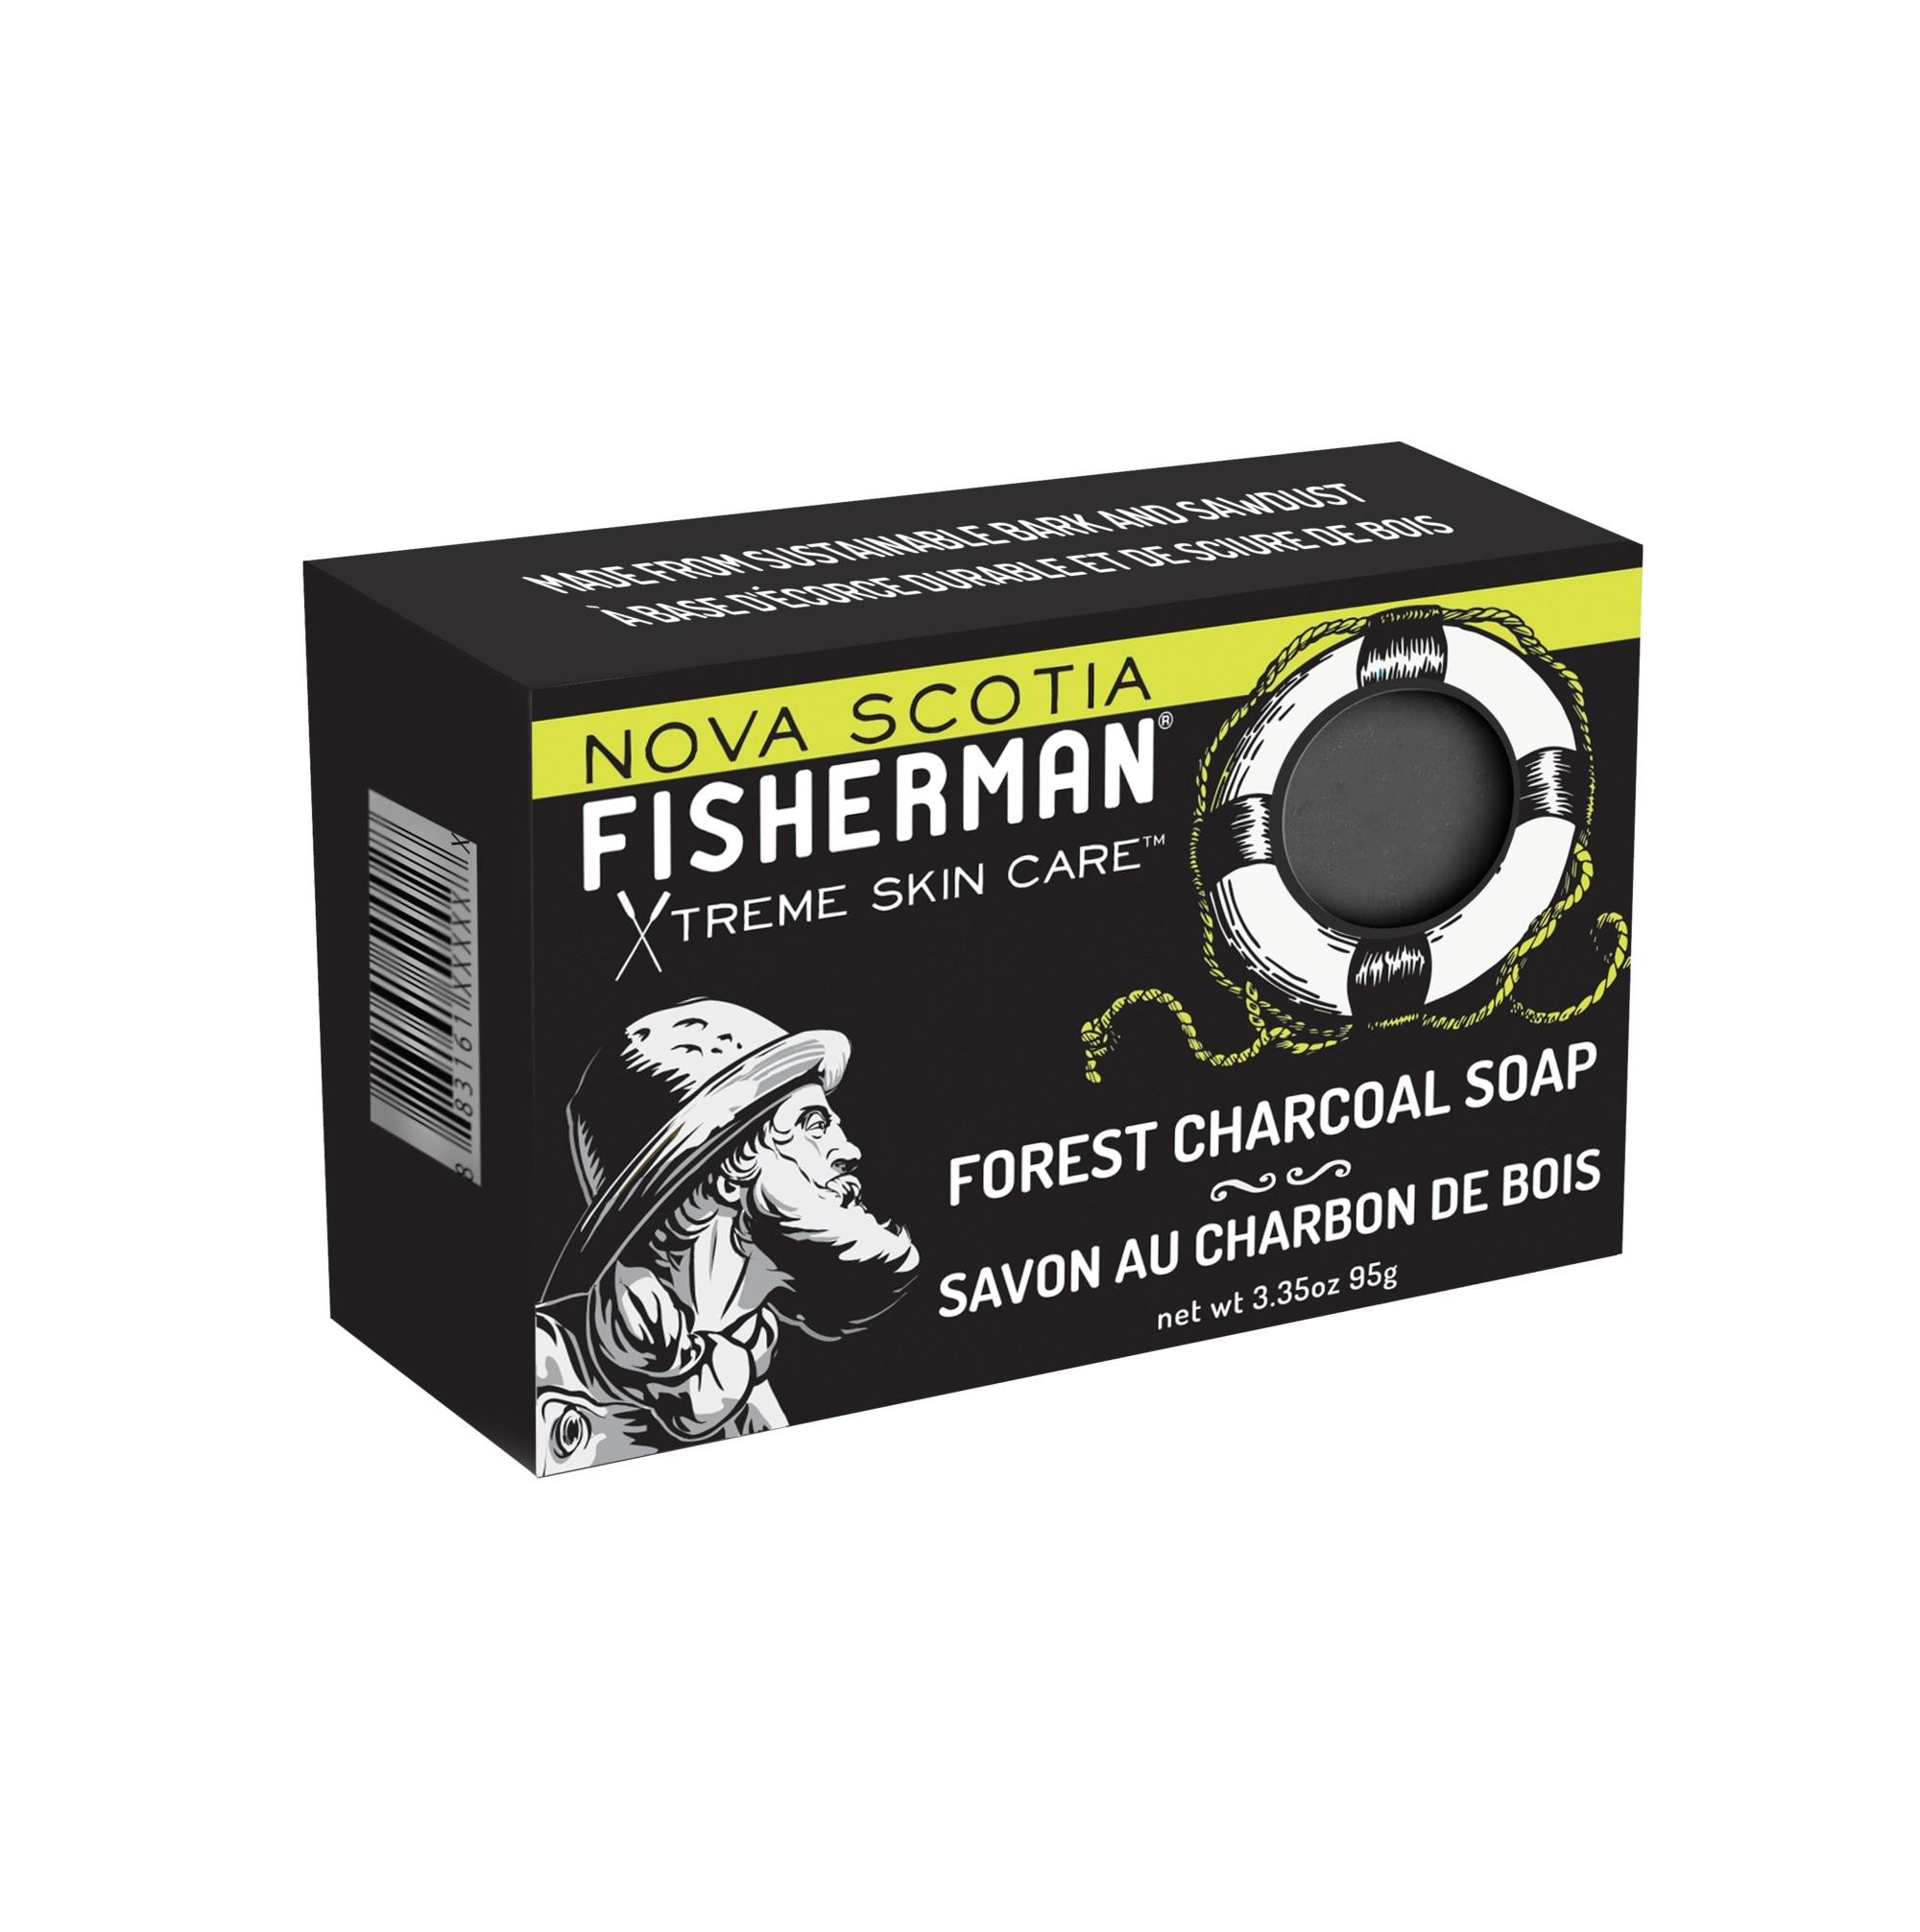 NOVA SCOTIA FISHERMAN(ノバスコシアフィッシャーマン) NATURAL BAR SOAP レスキューバームソープ